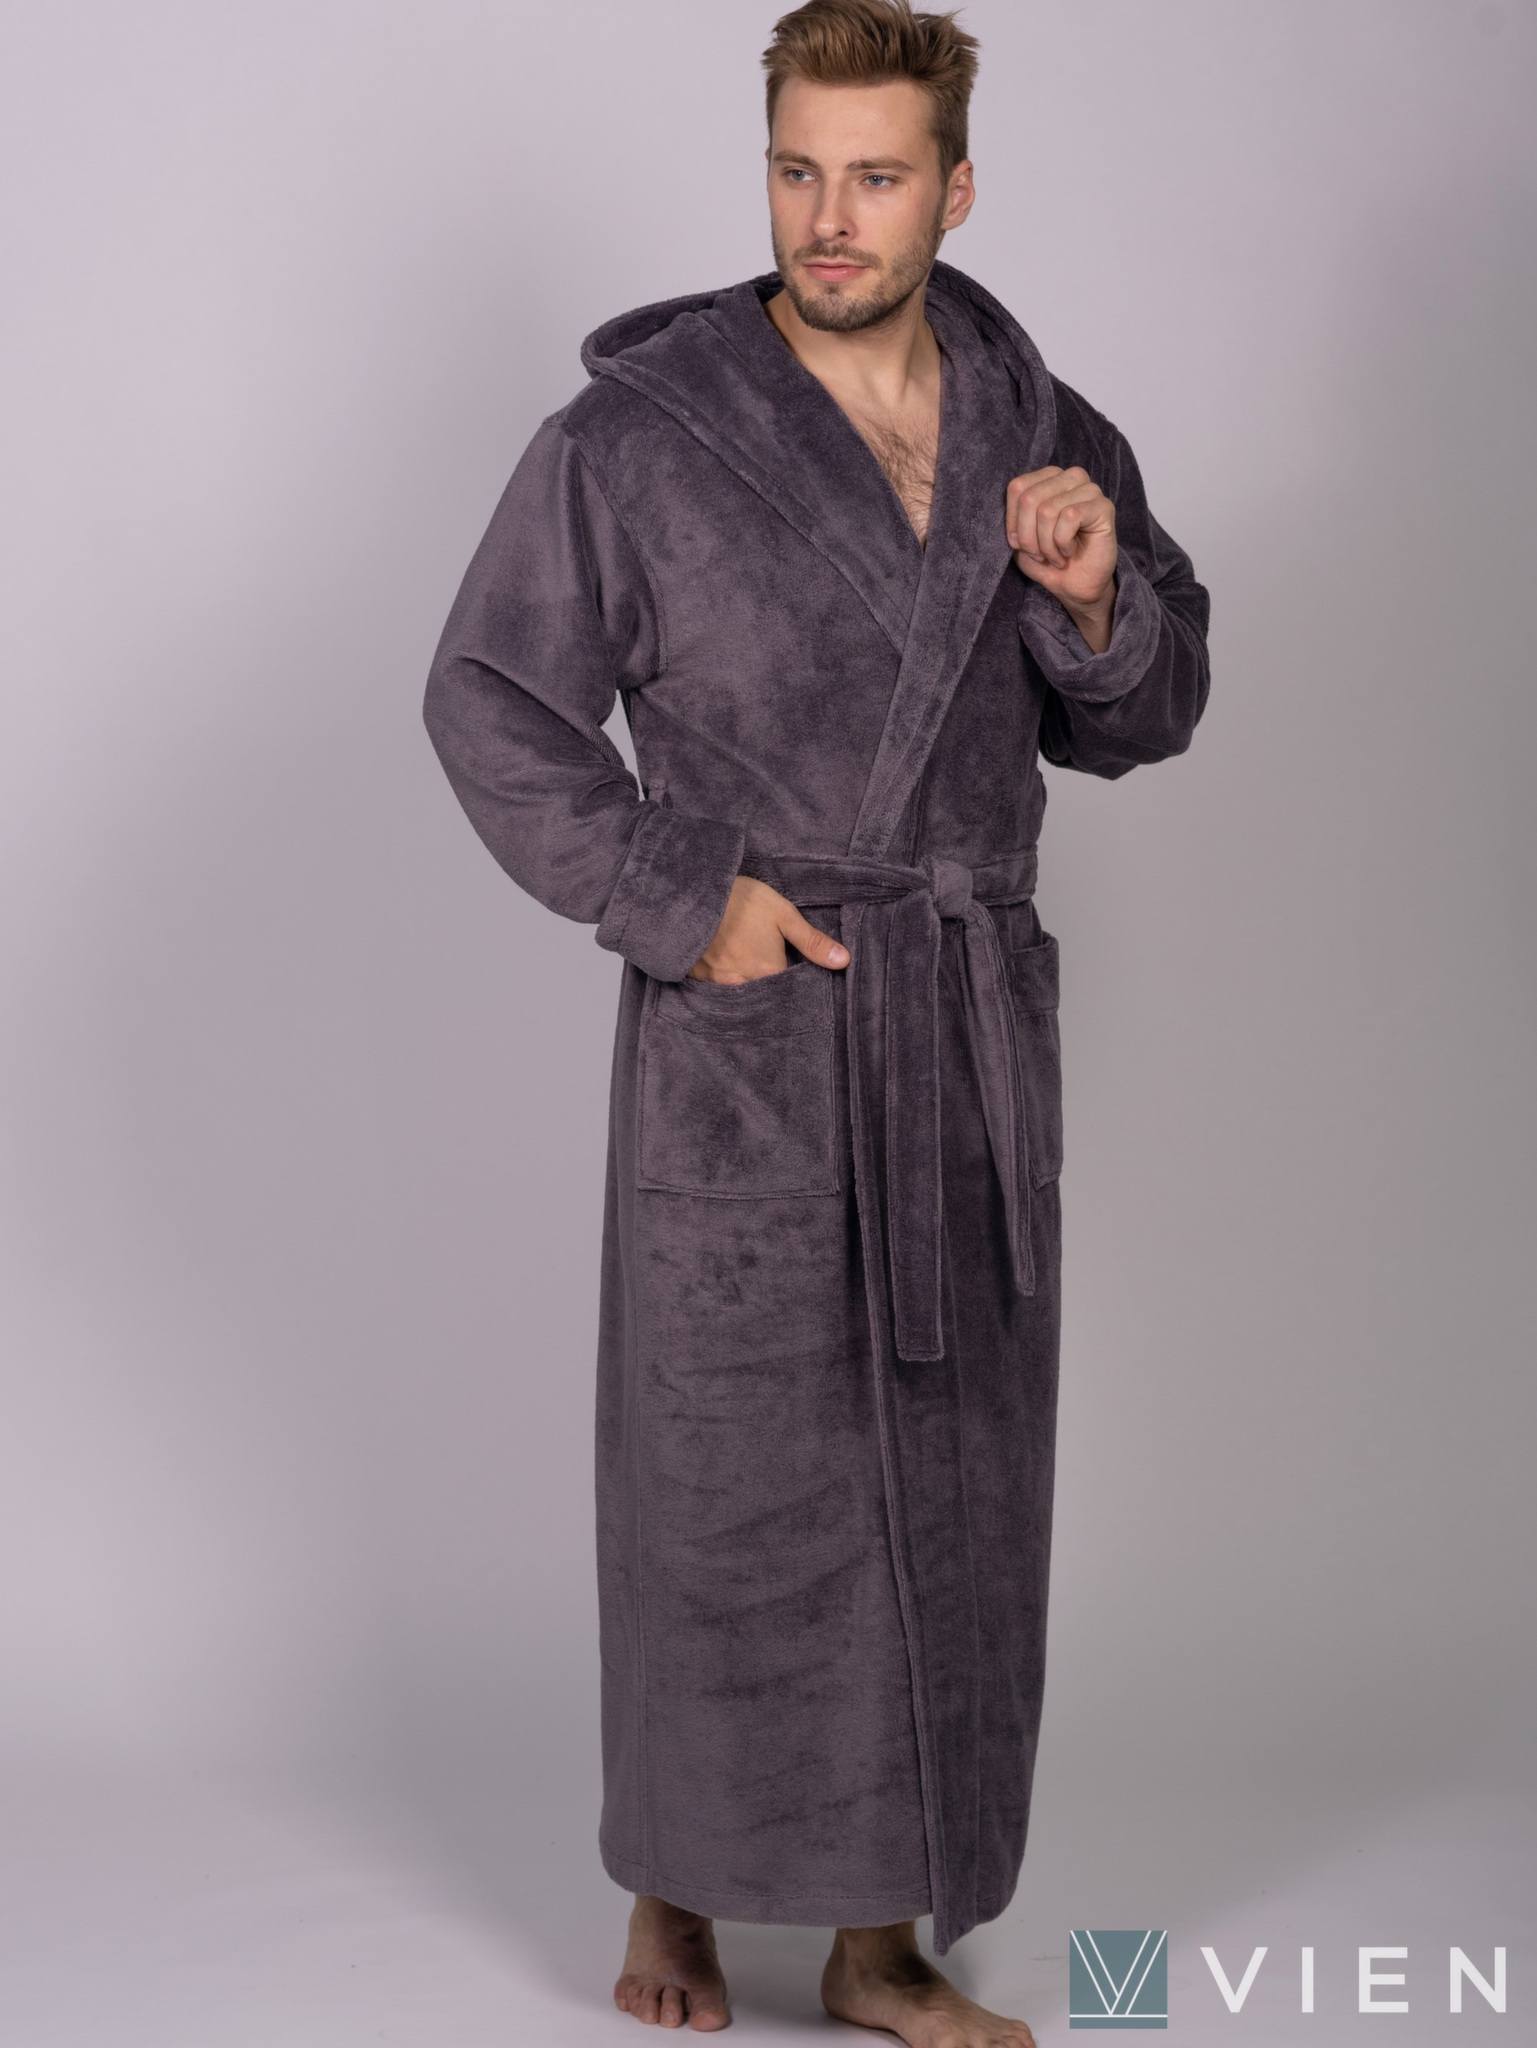 Мужской халат с капюшоном 702 Magistr мокко Wien